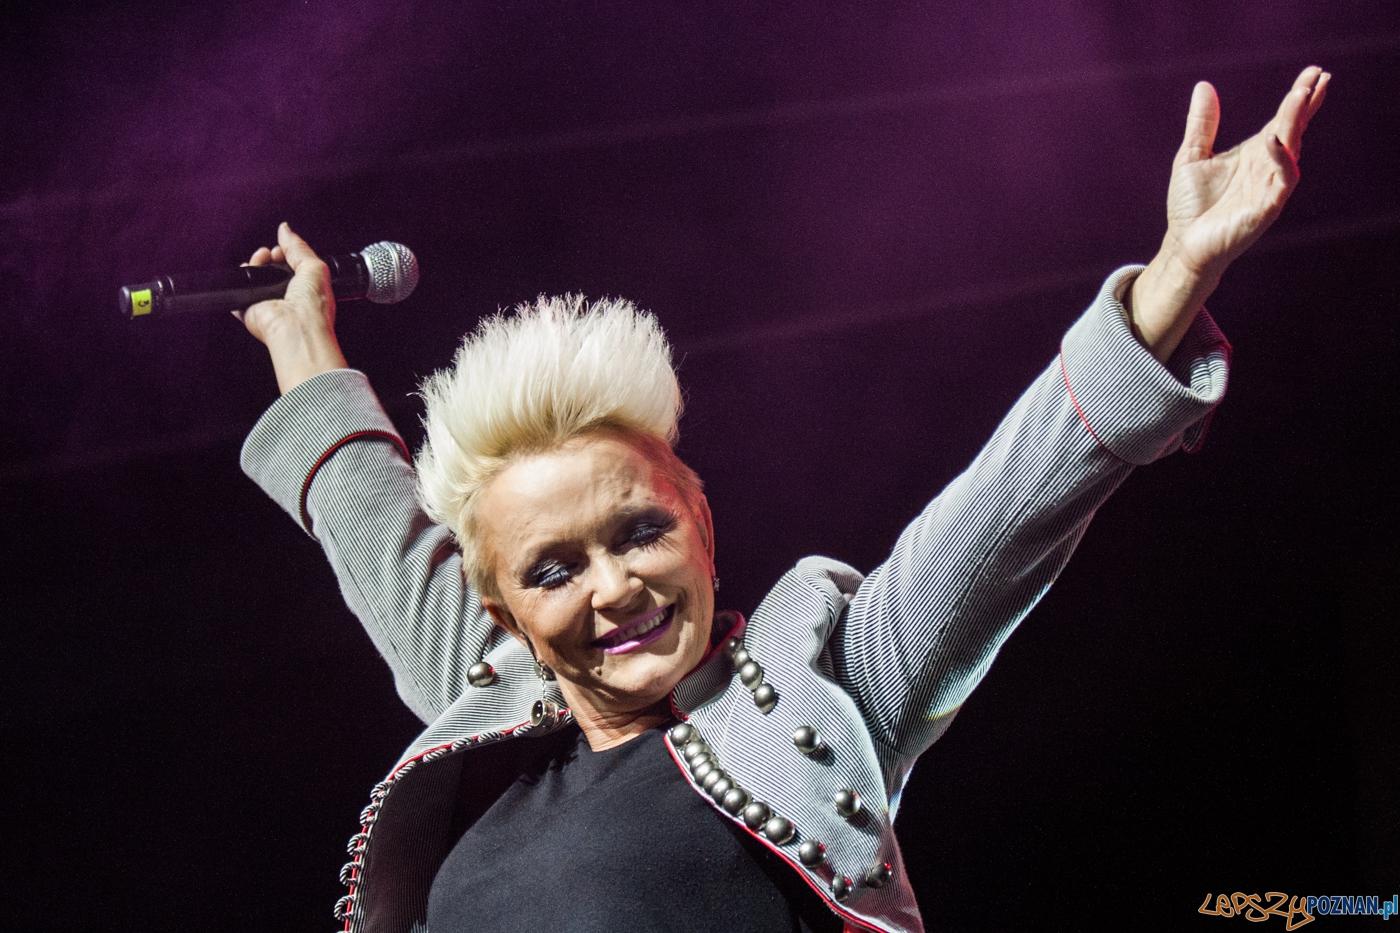 U2 symfonicznie - Małgorzata Ostrowska (24.04.2016) Sala Ziemi